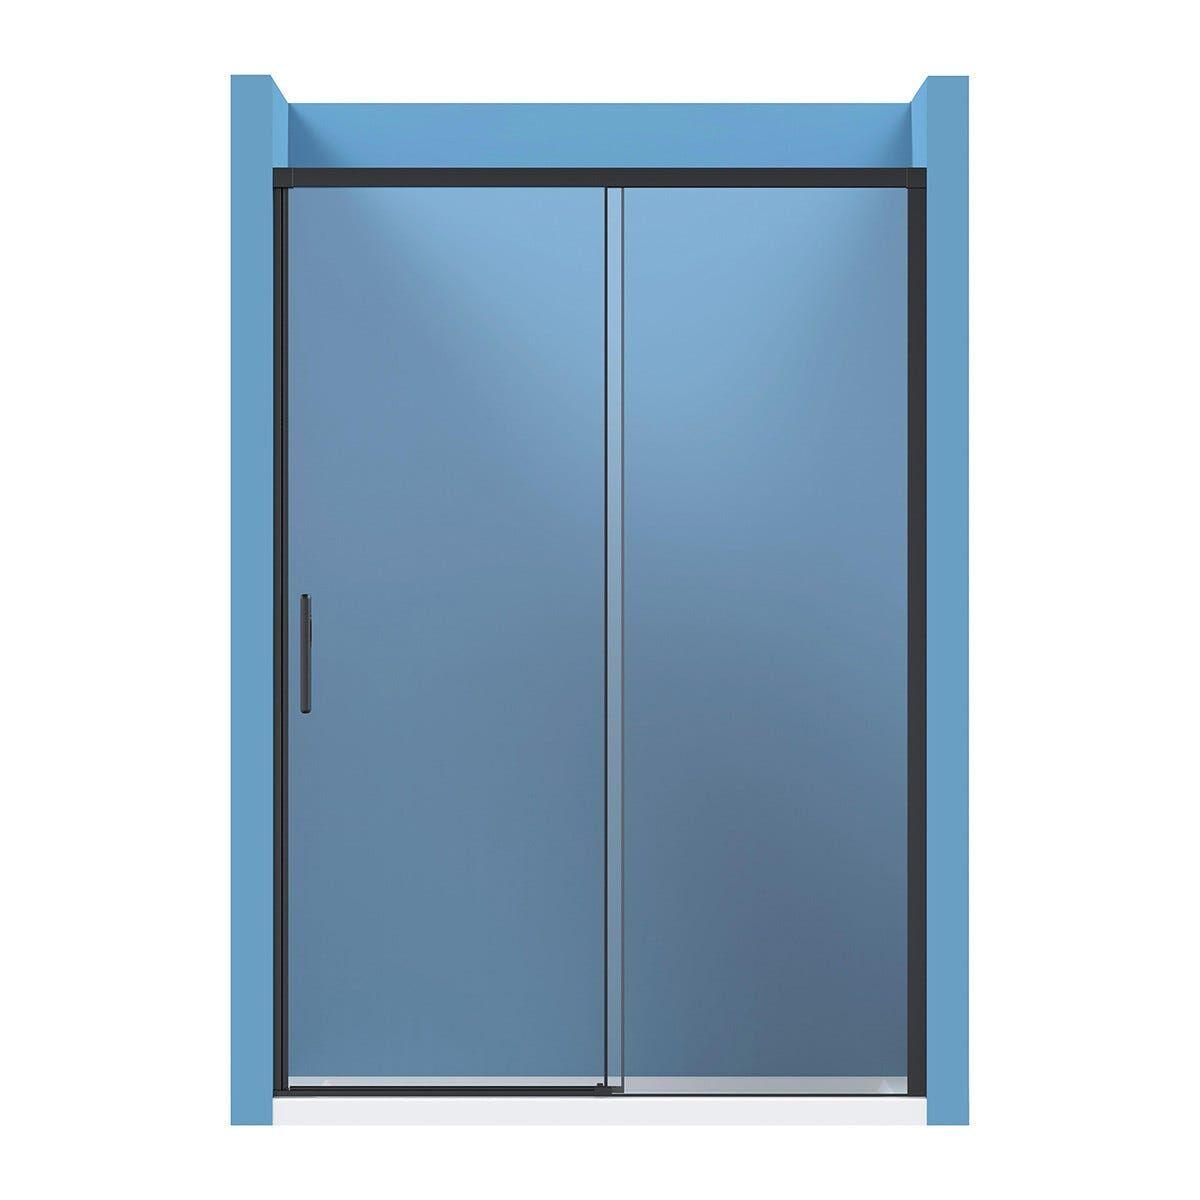 Porta Scorrevole Morena(116-120) H 195cm Vetro Temperato Trasparente 8 Mm Profili Neri Opachi